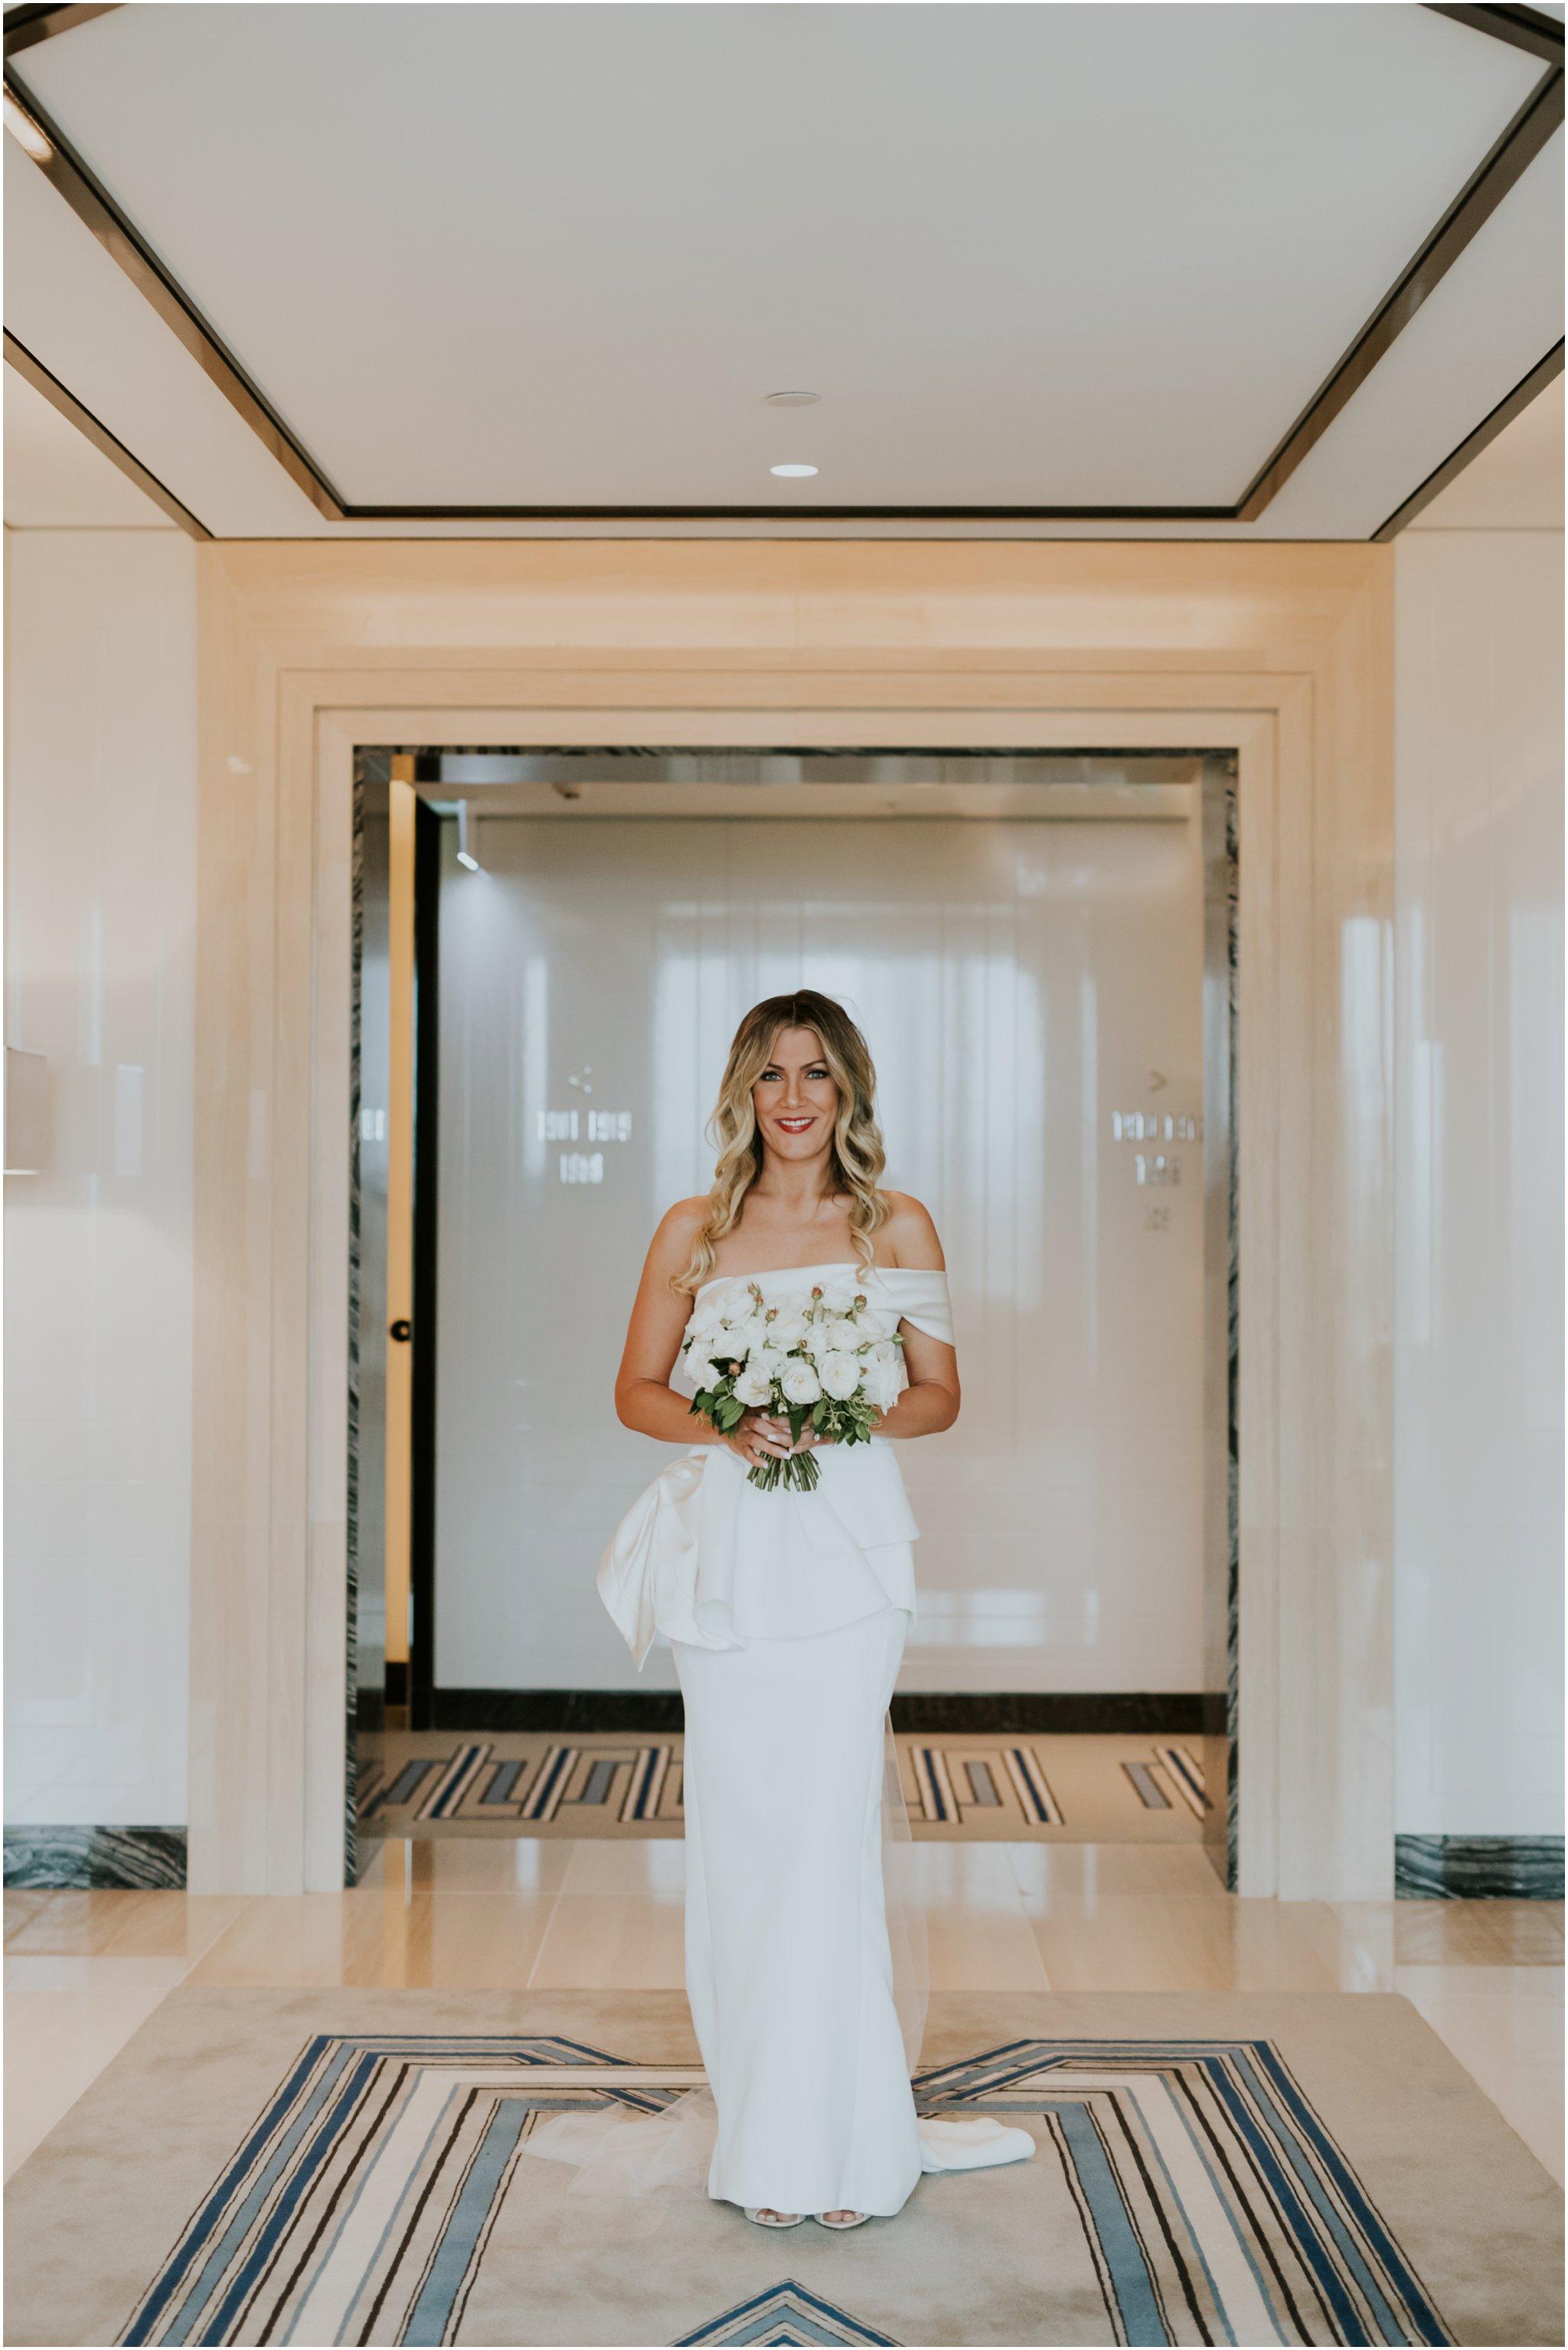 crown-towers-bride-getting-ready.jpg